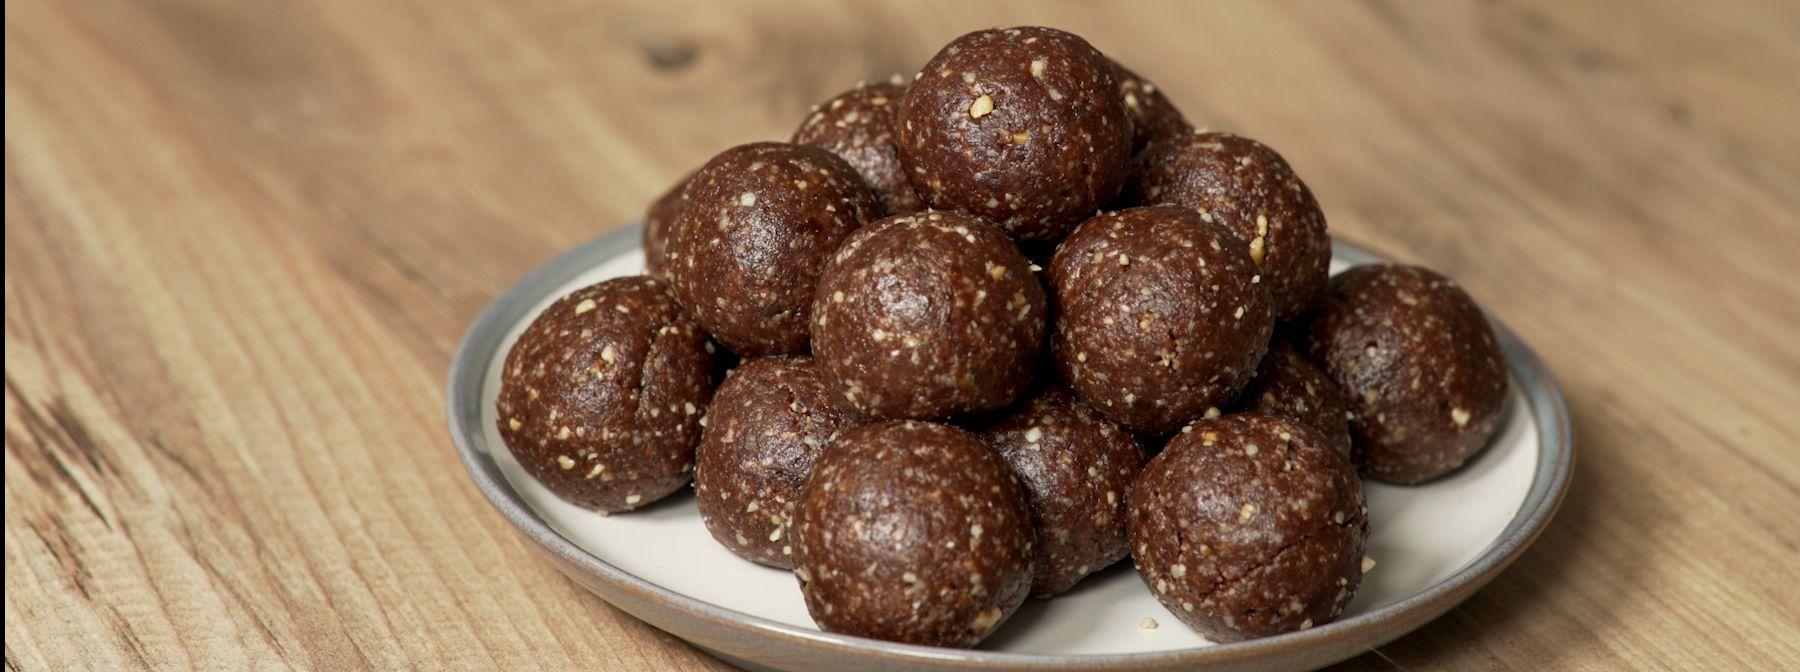 Kuleczki Brownie z kakao